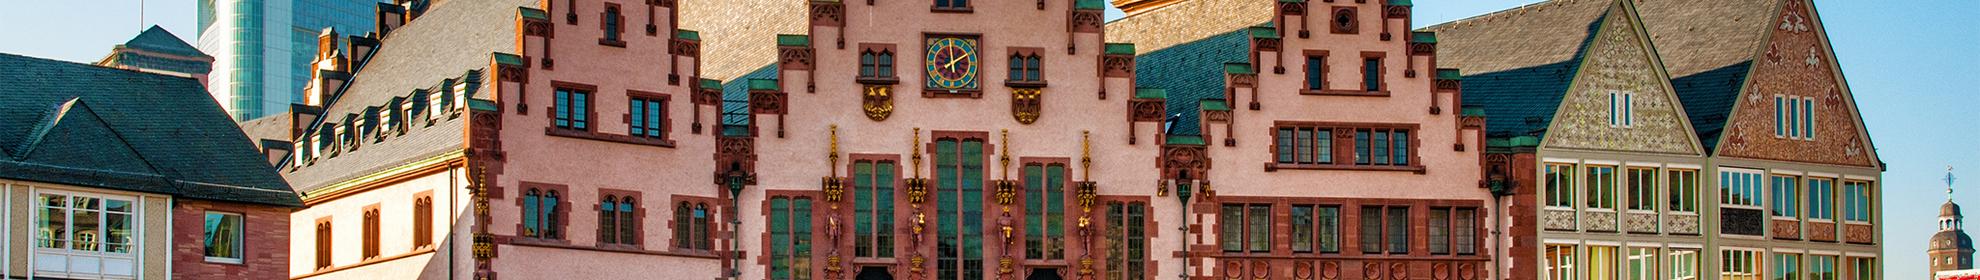 Landhaus Alte Scheune Frankfurt am Main